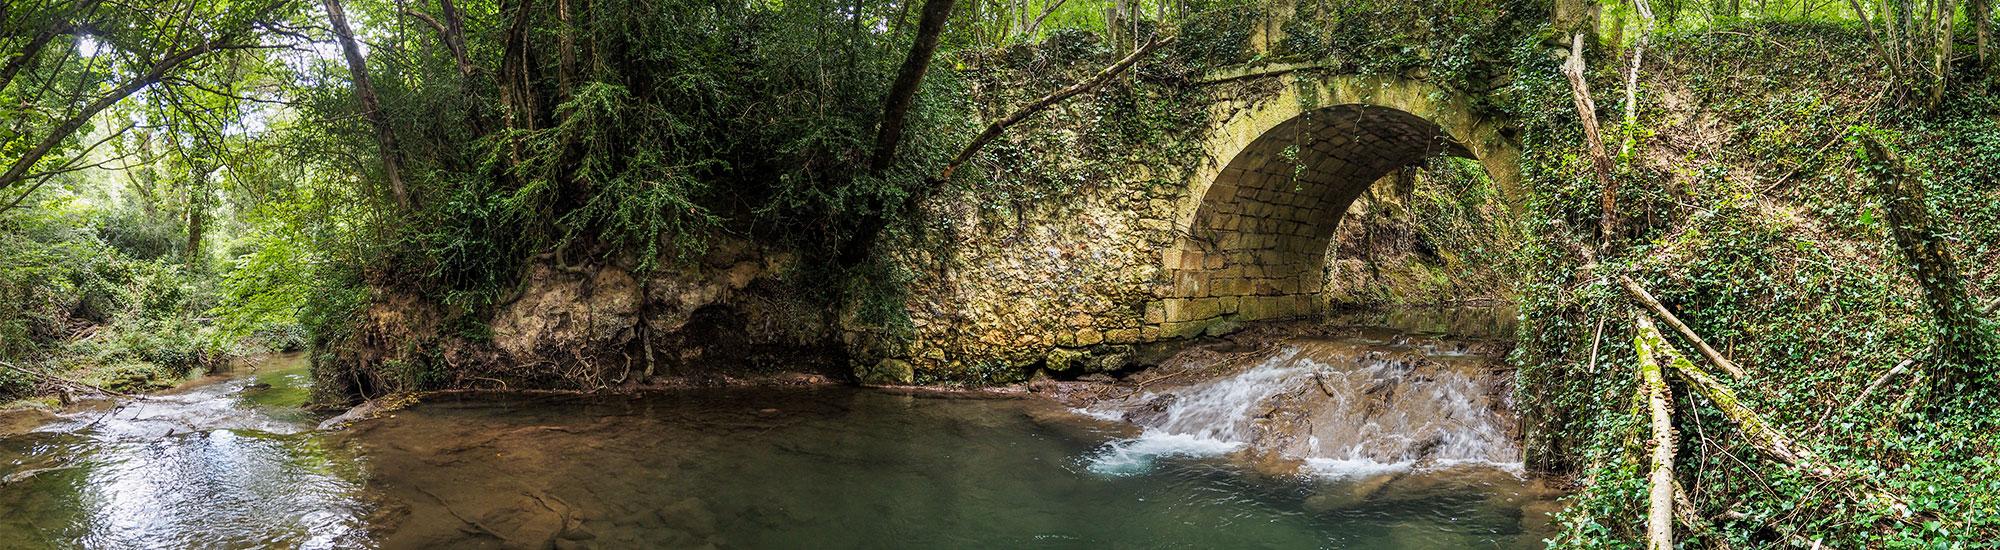 Ruta del agua. Foto panorámica